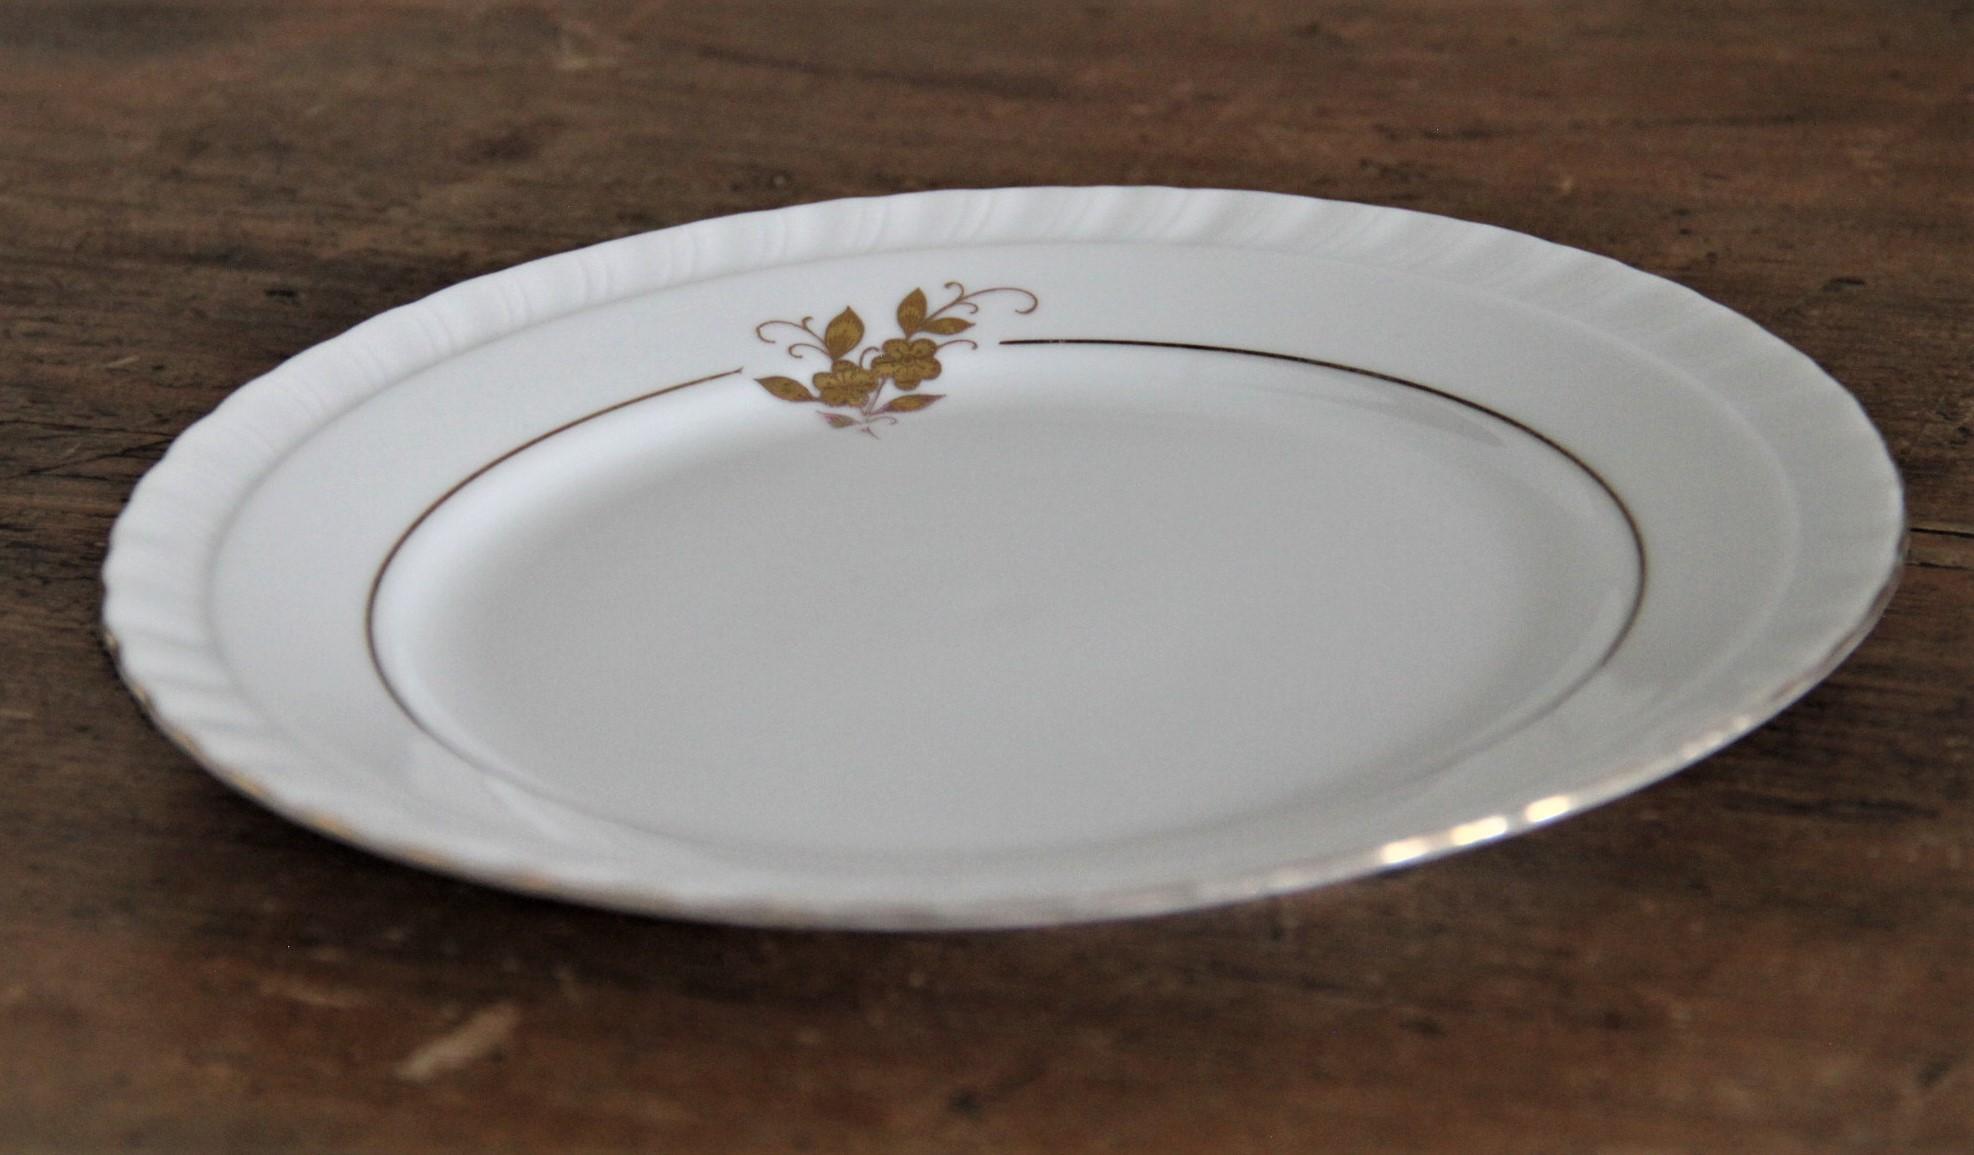 Petite assiette - Jaeger Bavaria - liseré or D20cm